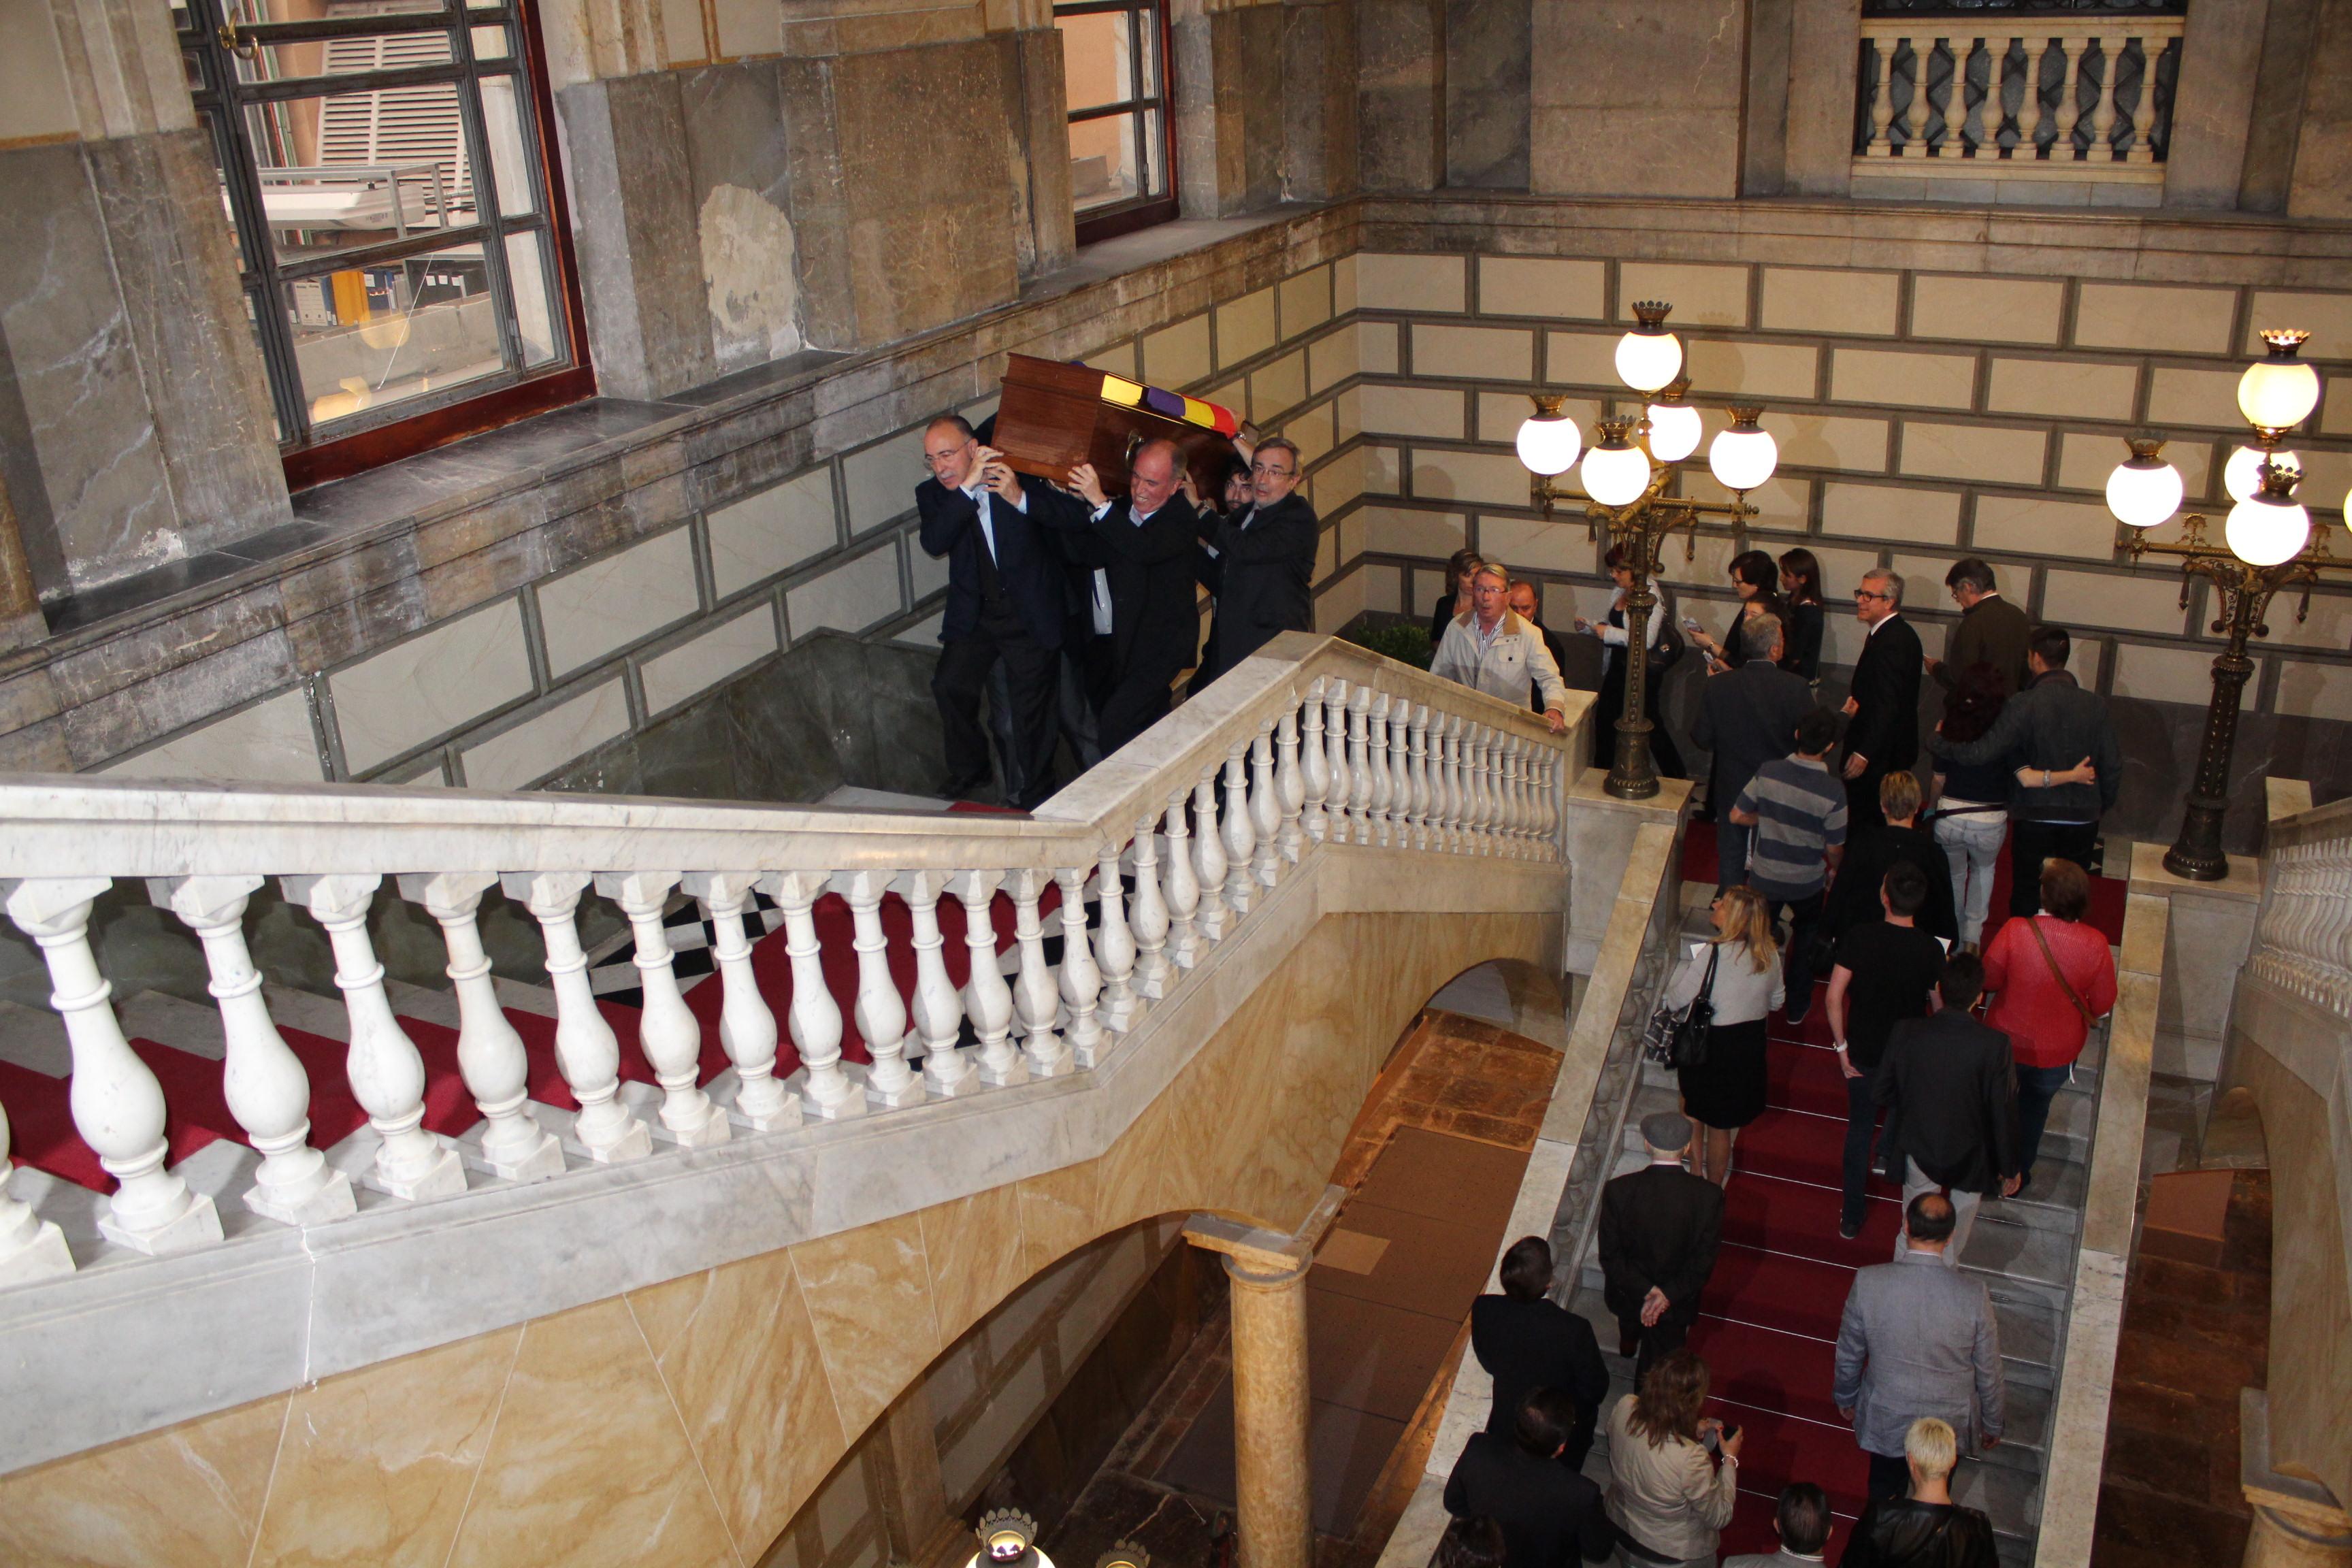 Dirigents històrics del PSC a Tarragona pugen a espatlles el fèretre de Josep M. Recasens per l'escala del Palau Municipal (foto: Mauri Fernández)